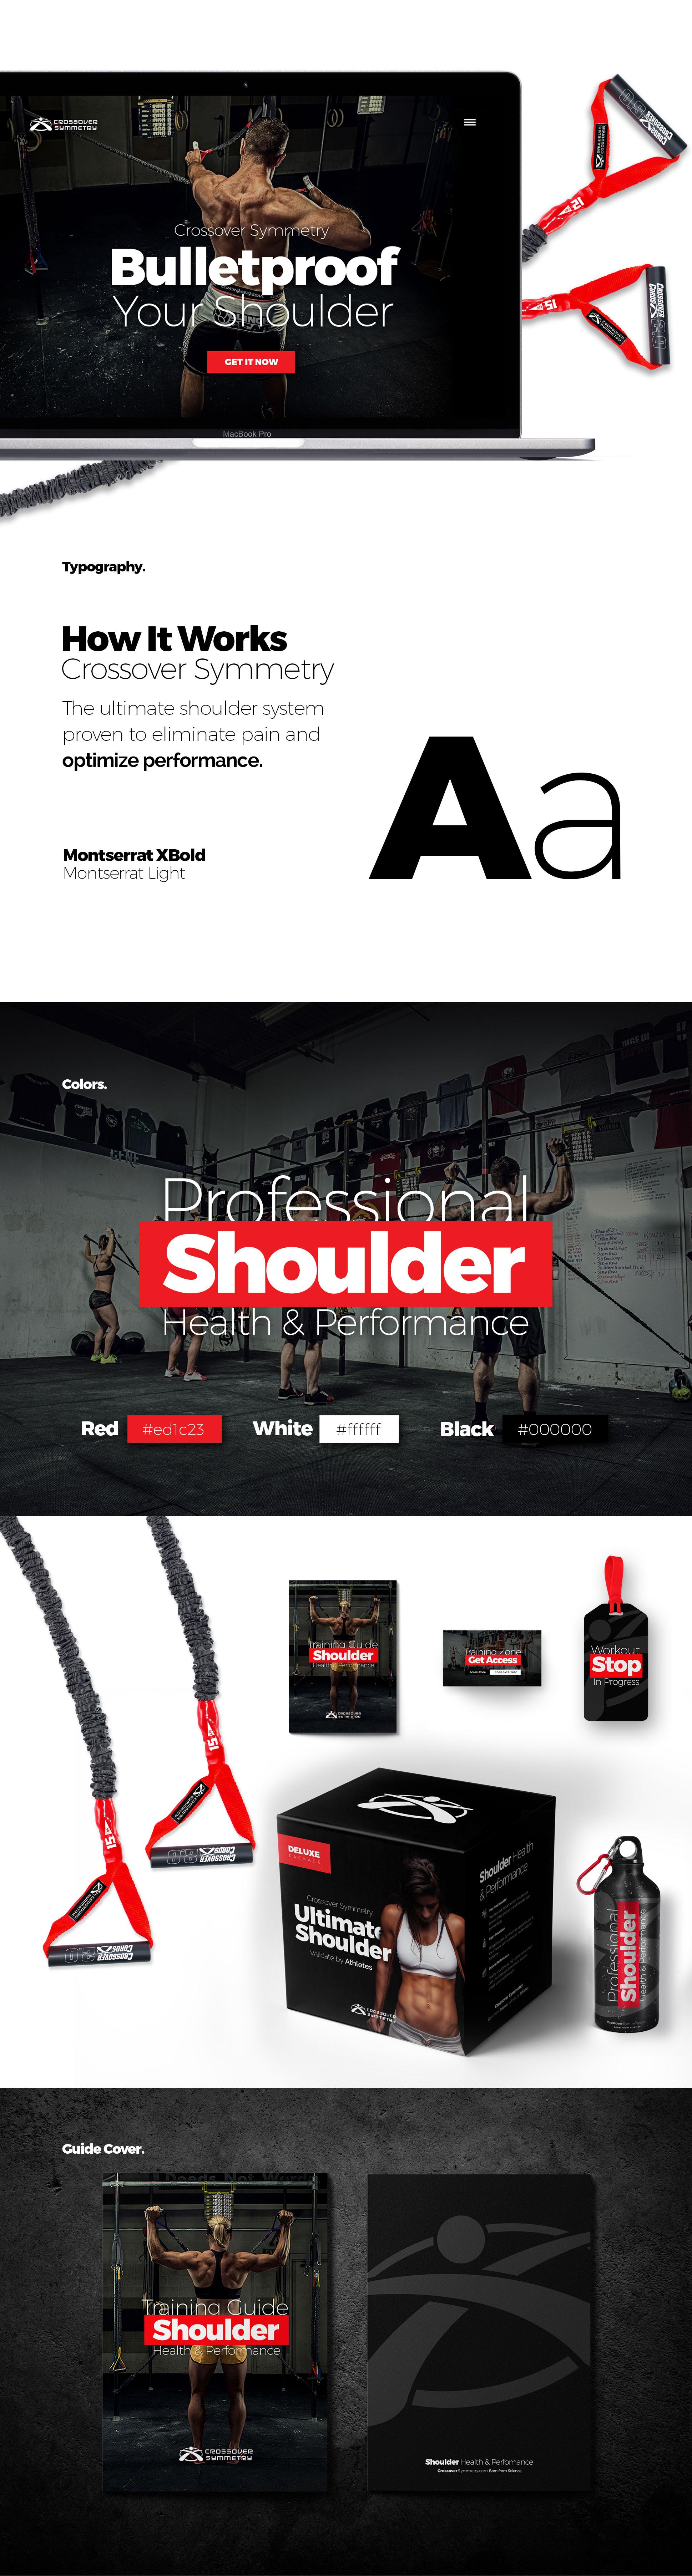 Best Fitness Web Design by Maciej Olbrycht